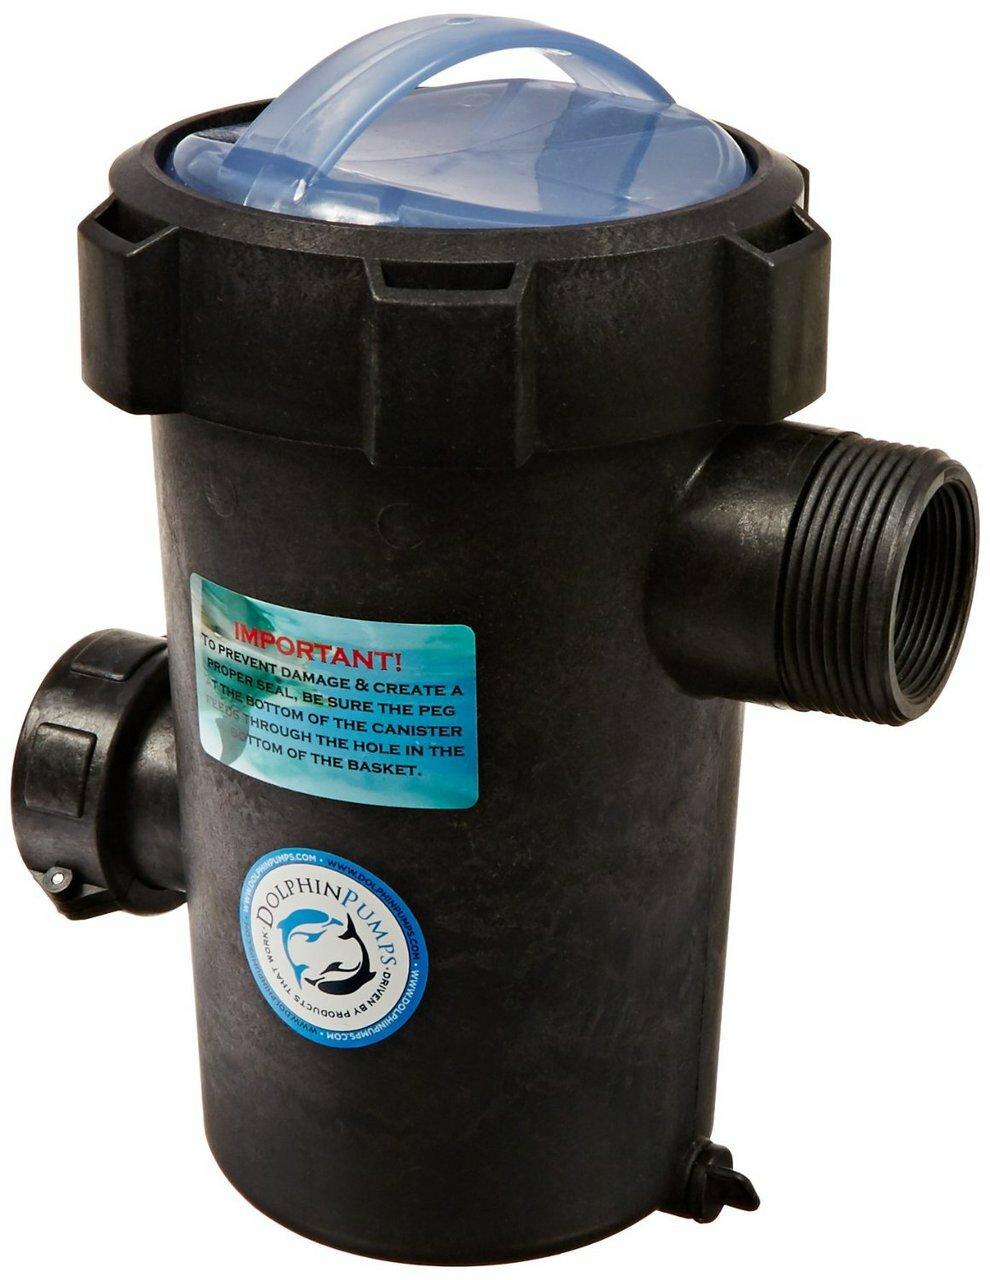 Dolphin Pumps EZ Priming Pot - 2 inch